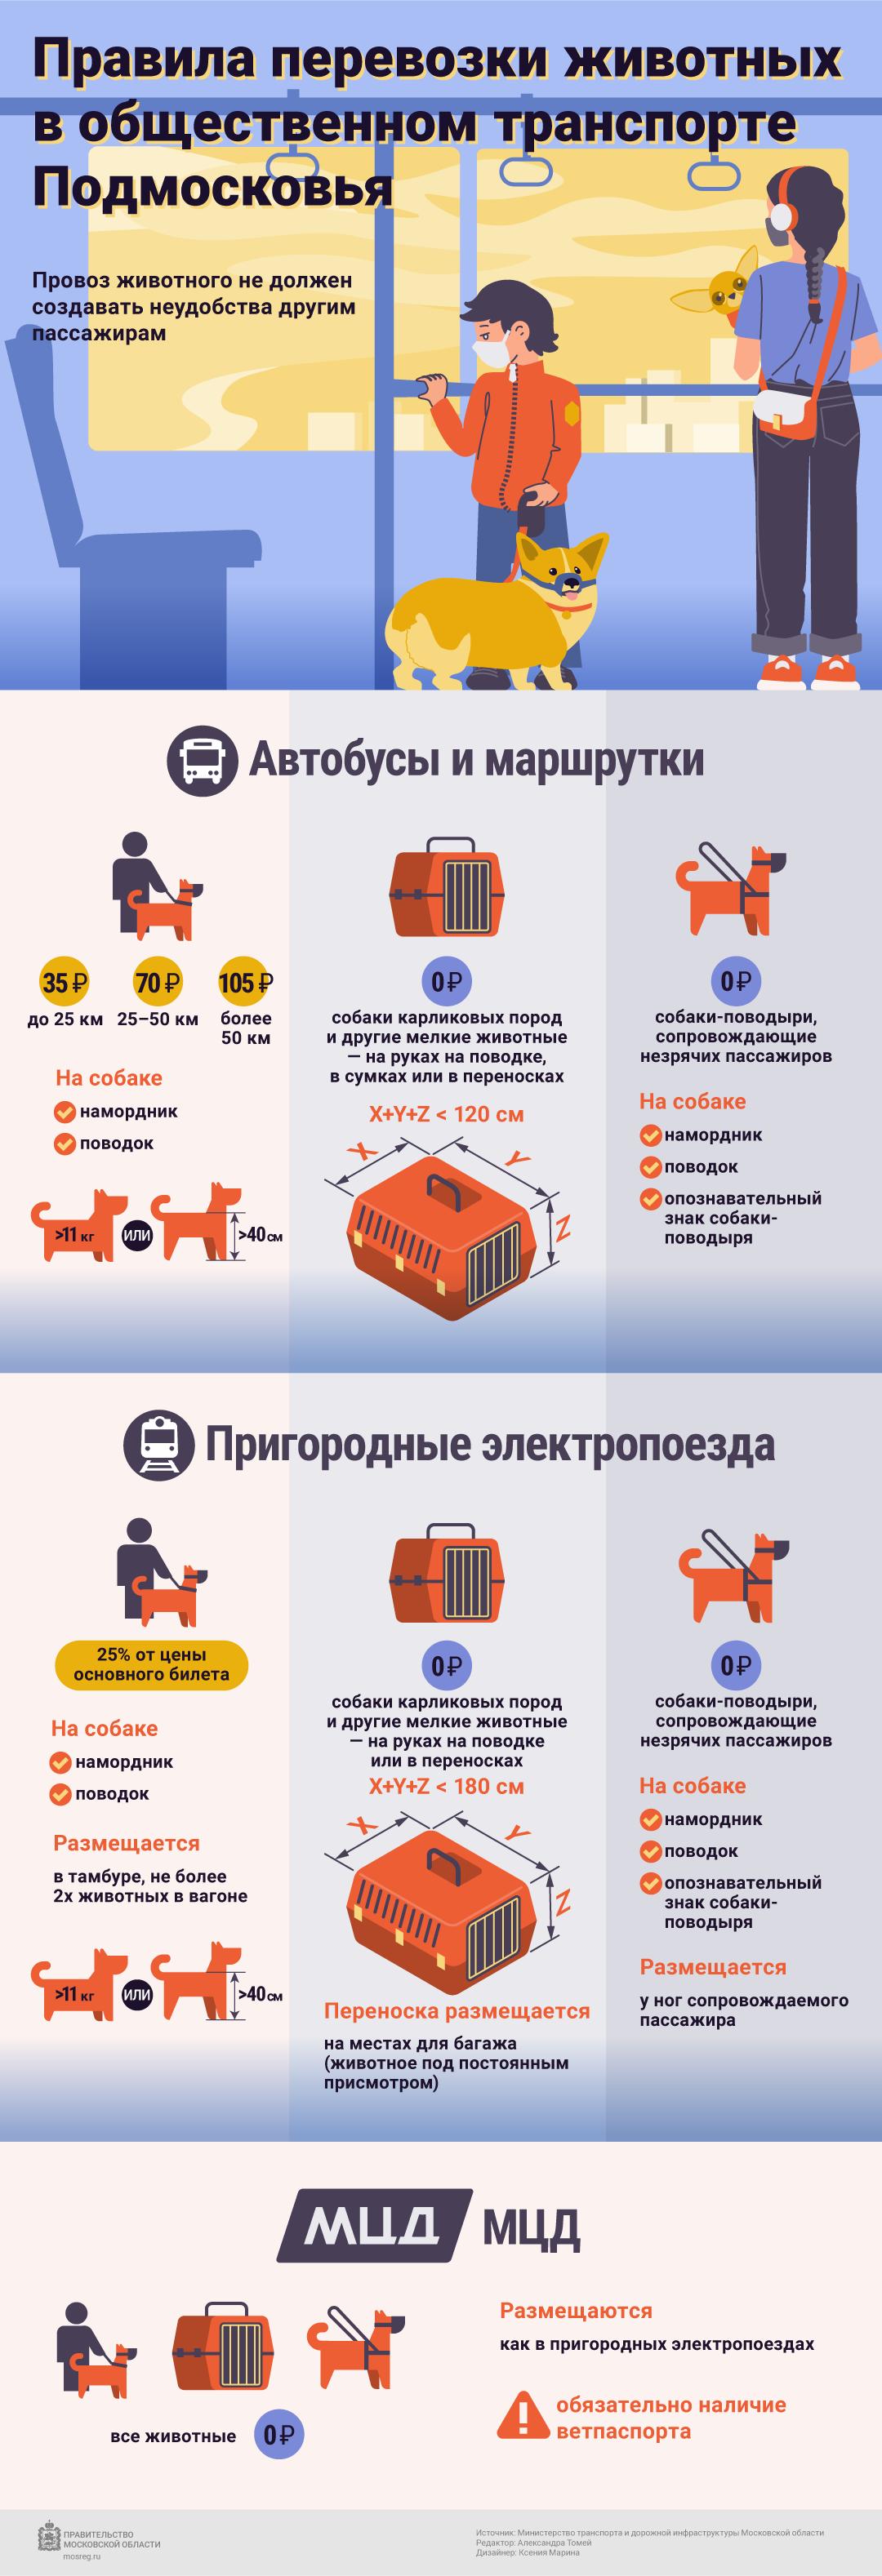 Какие правила провоза животных действуют в общественном транспорте Подмосковья